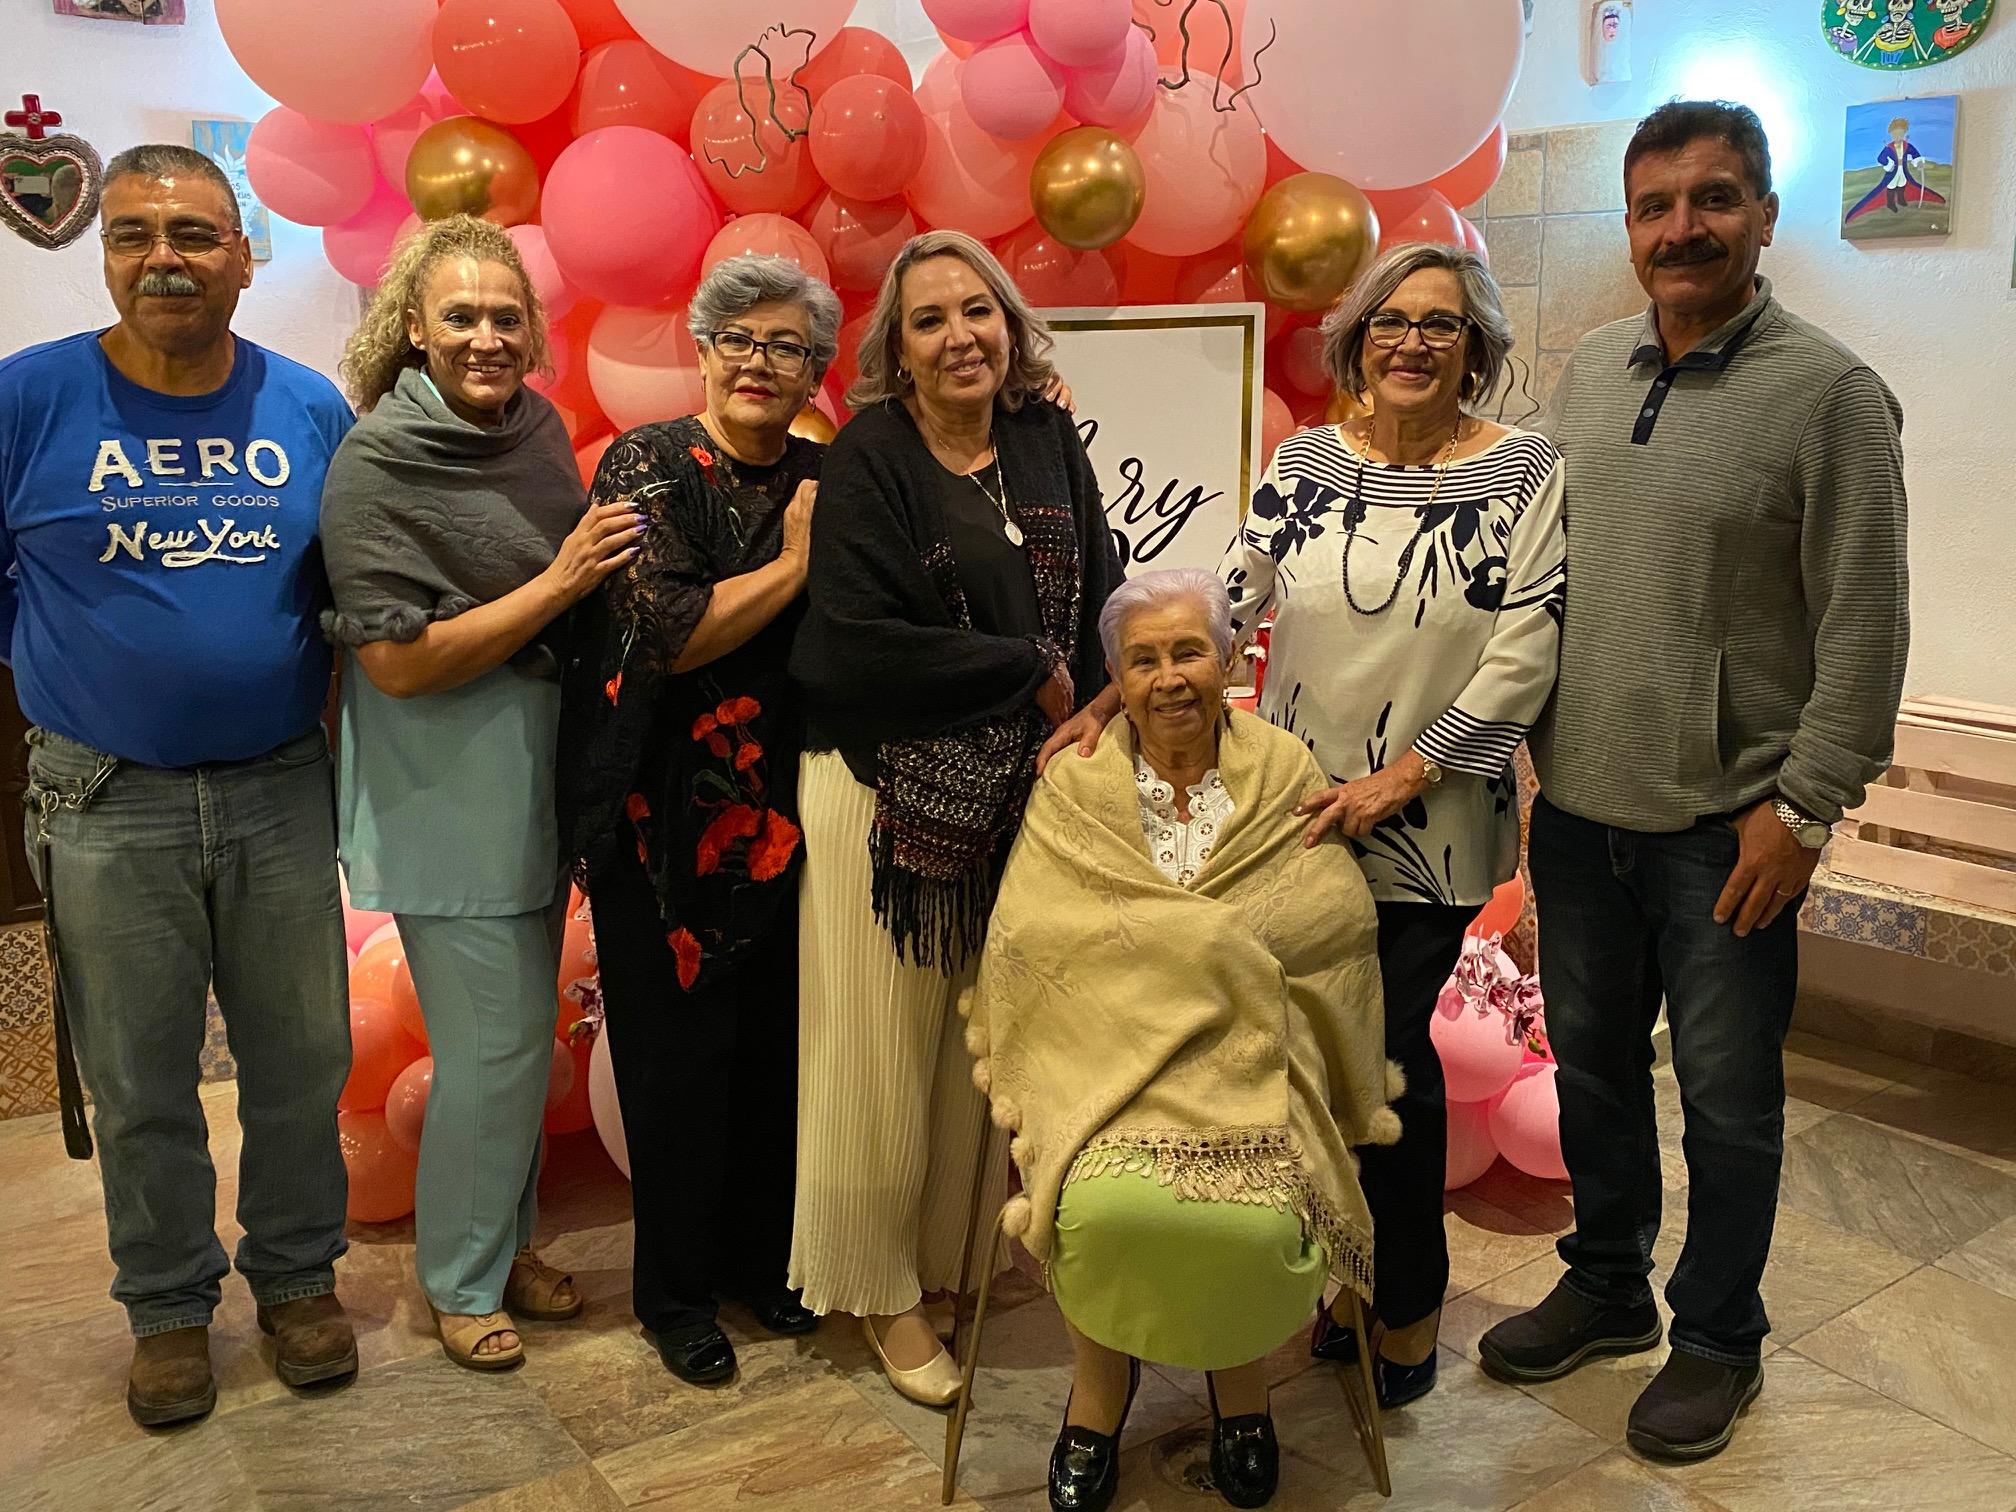 Alejandro, Pilar, Loly, Mary, Socorro Villegas, Yony y Zito Durón.